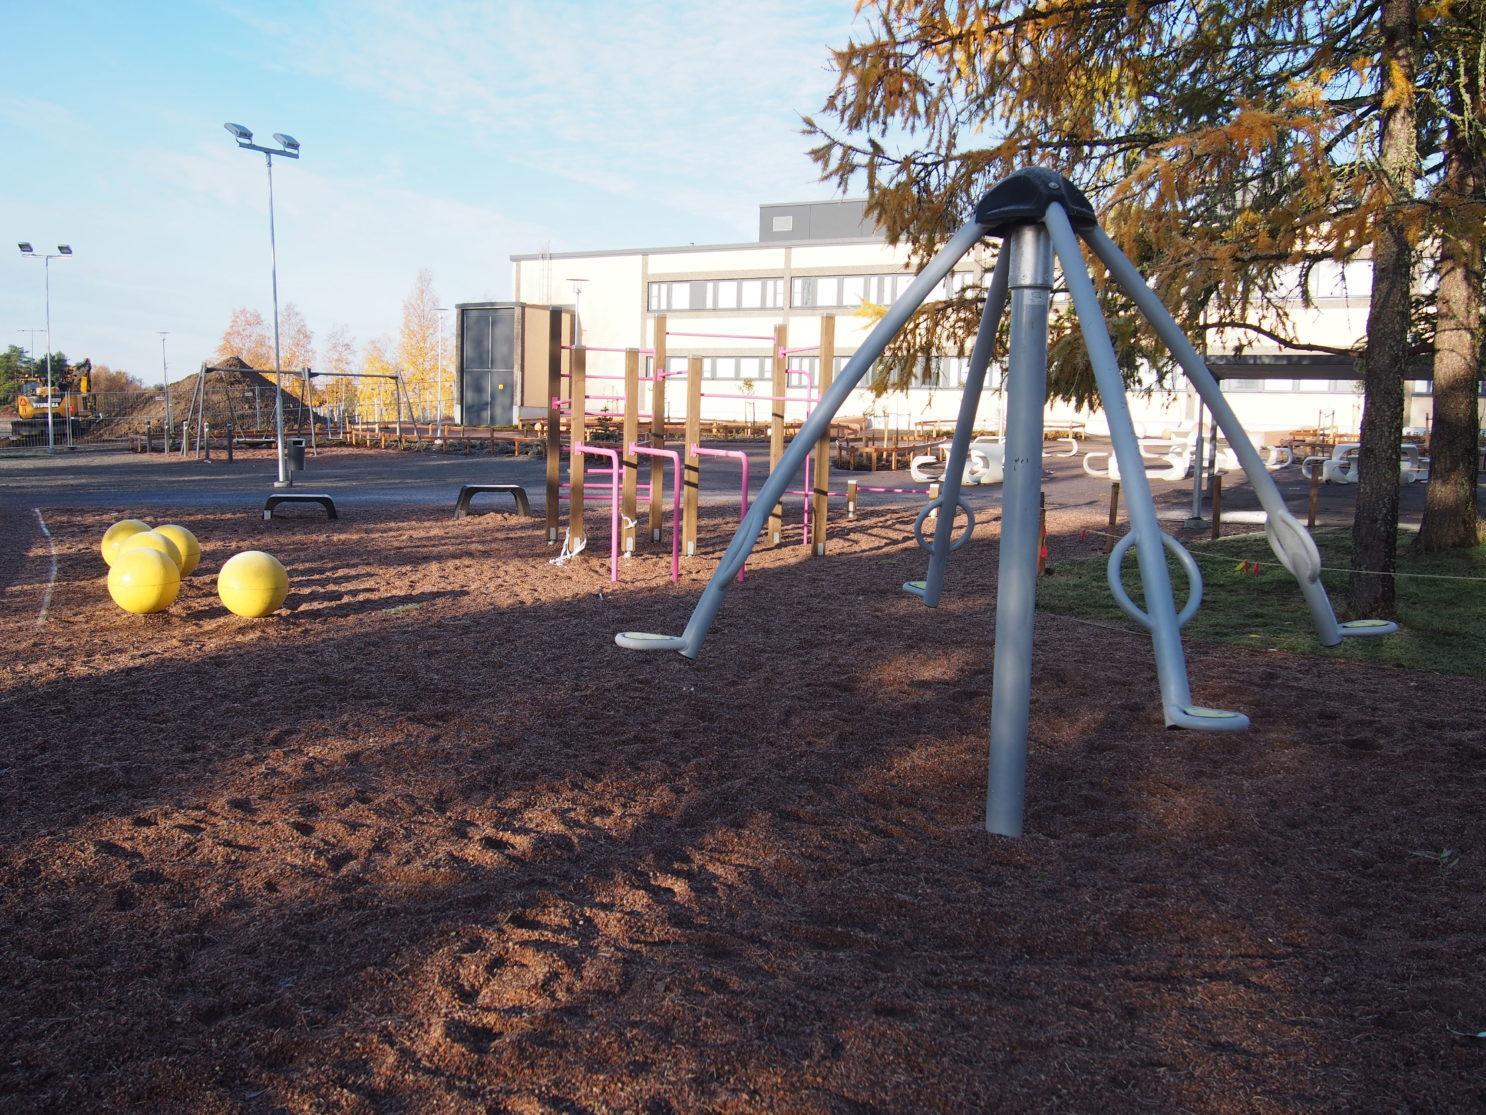 Urheilupuiston koulun lähiliikuntapaikka